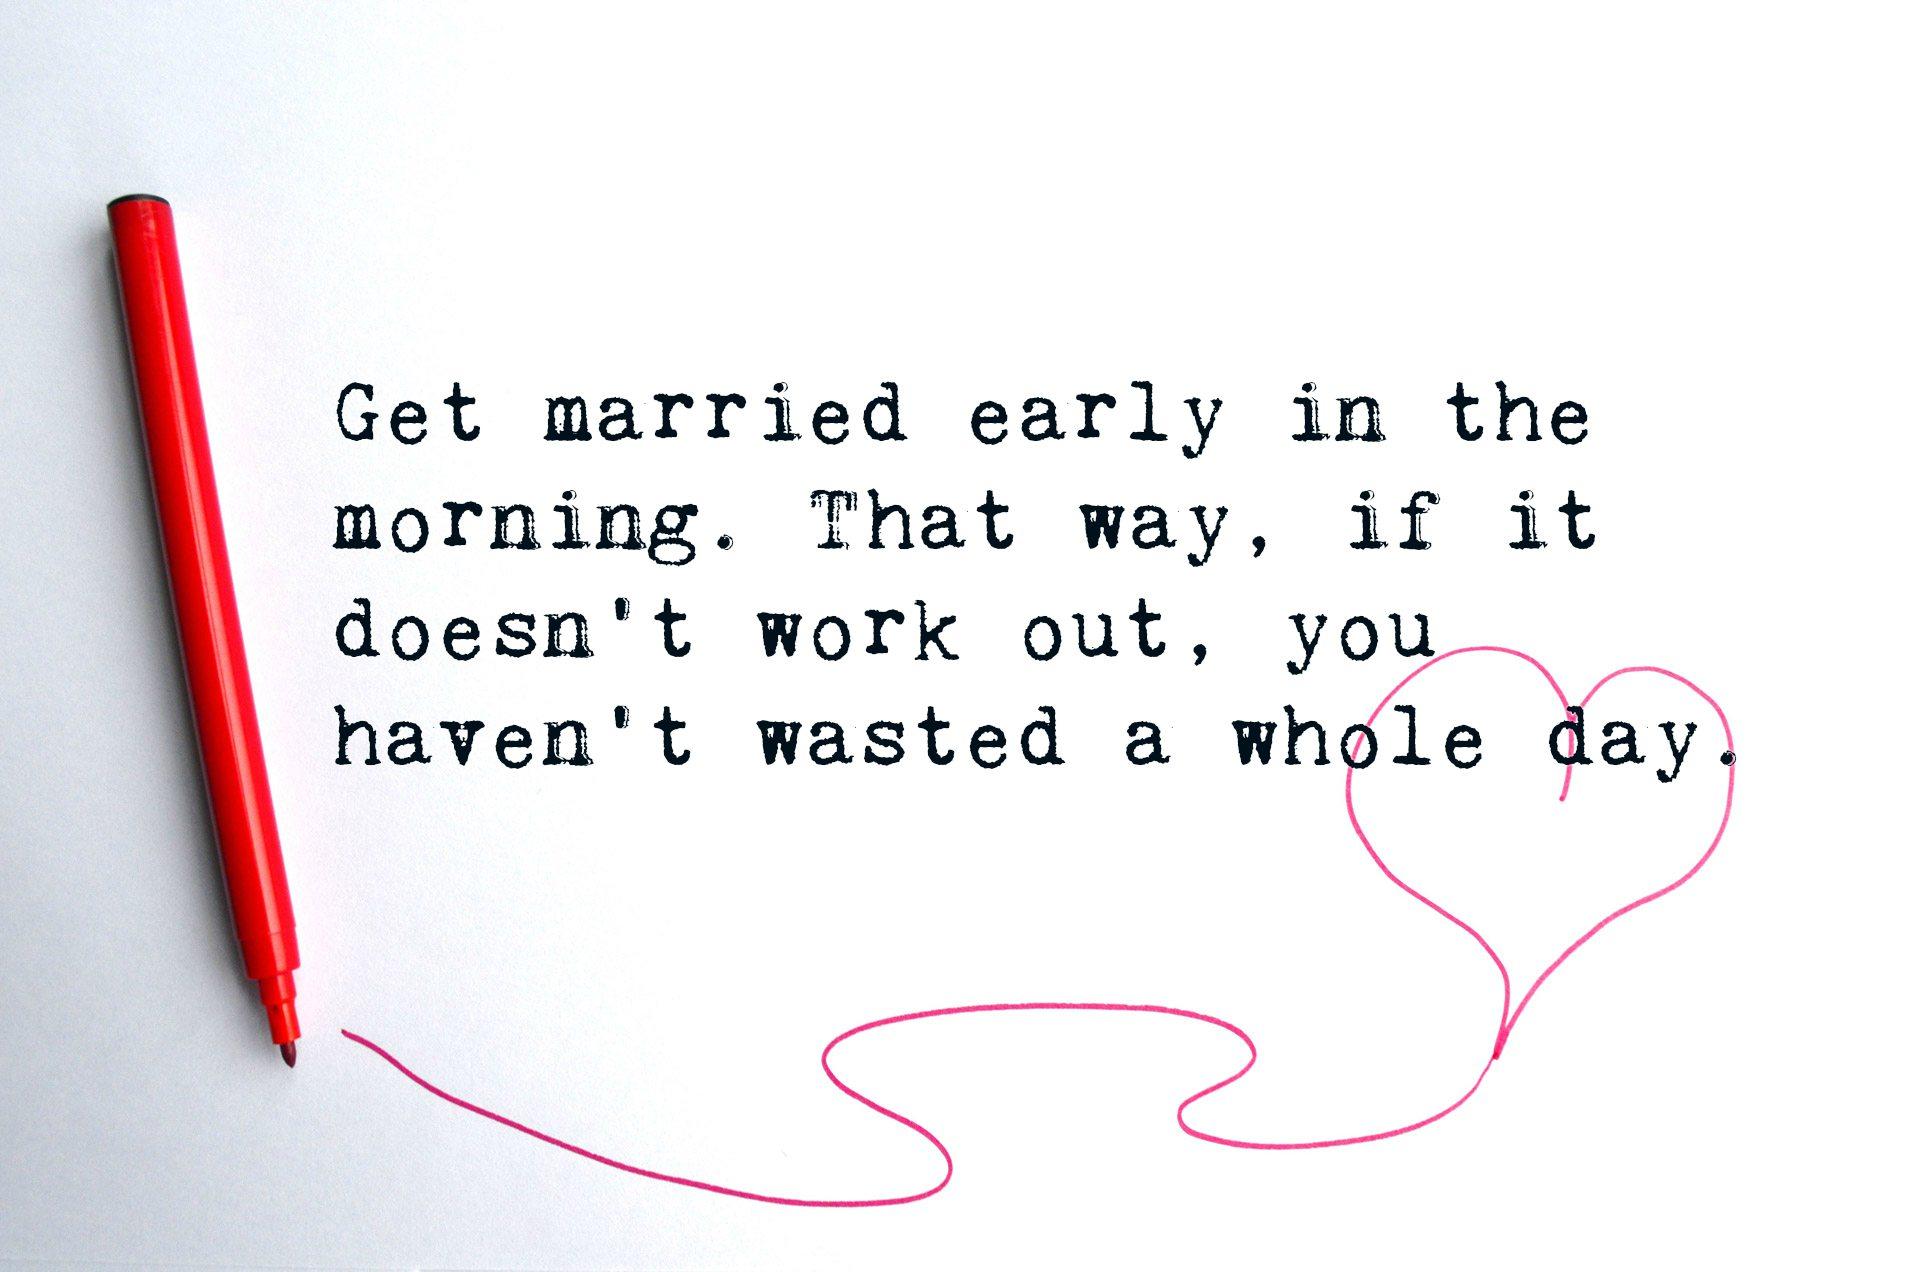 Funny Valentine's Quotes